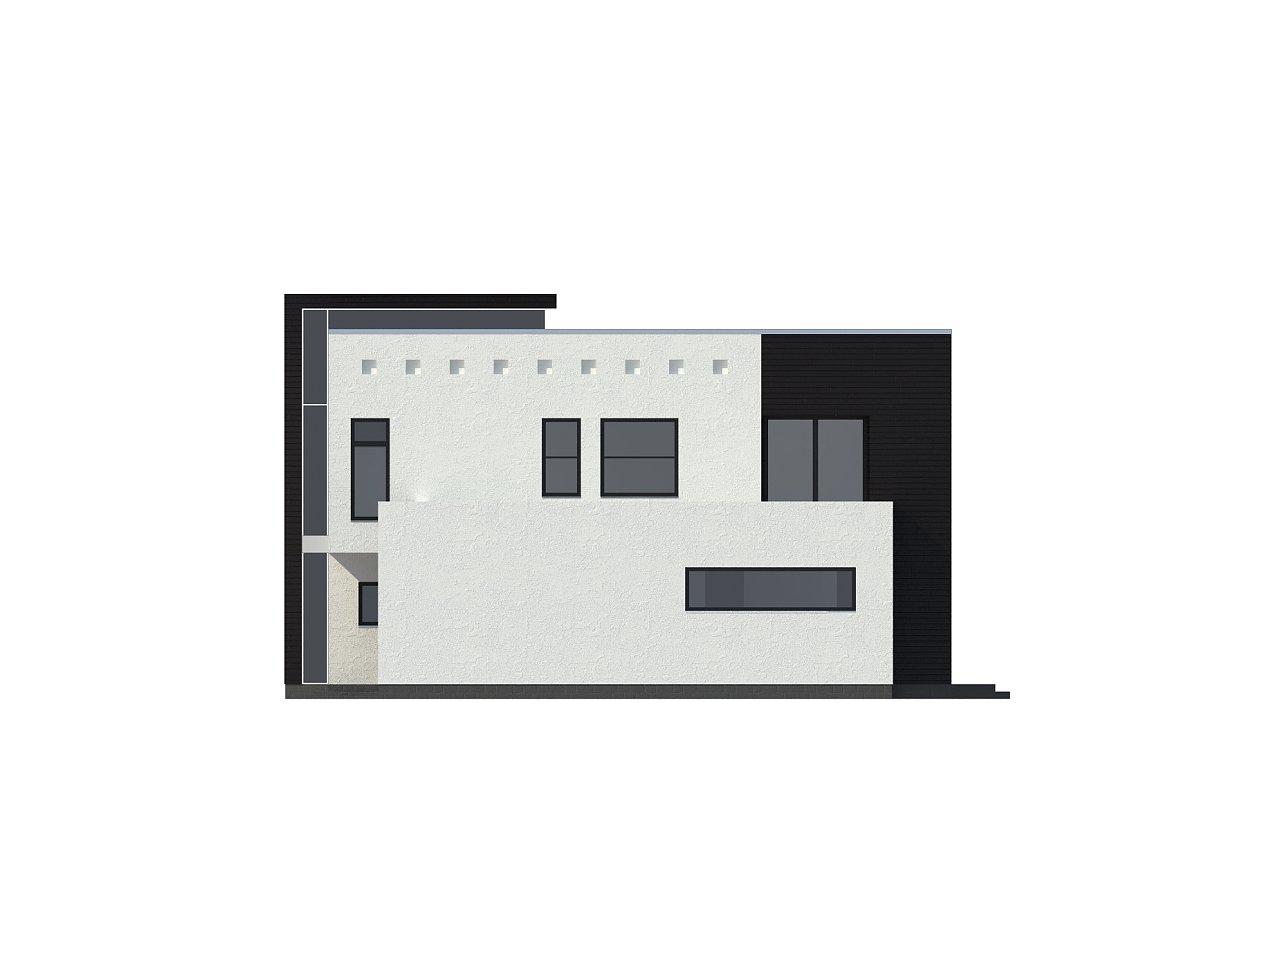 Современный дом кубической формы с террасой над гаражом. - фото 3